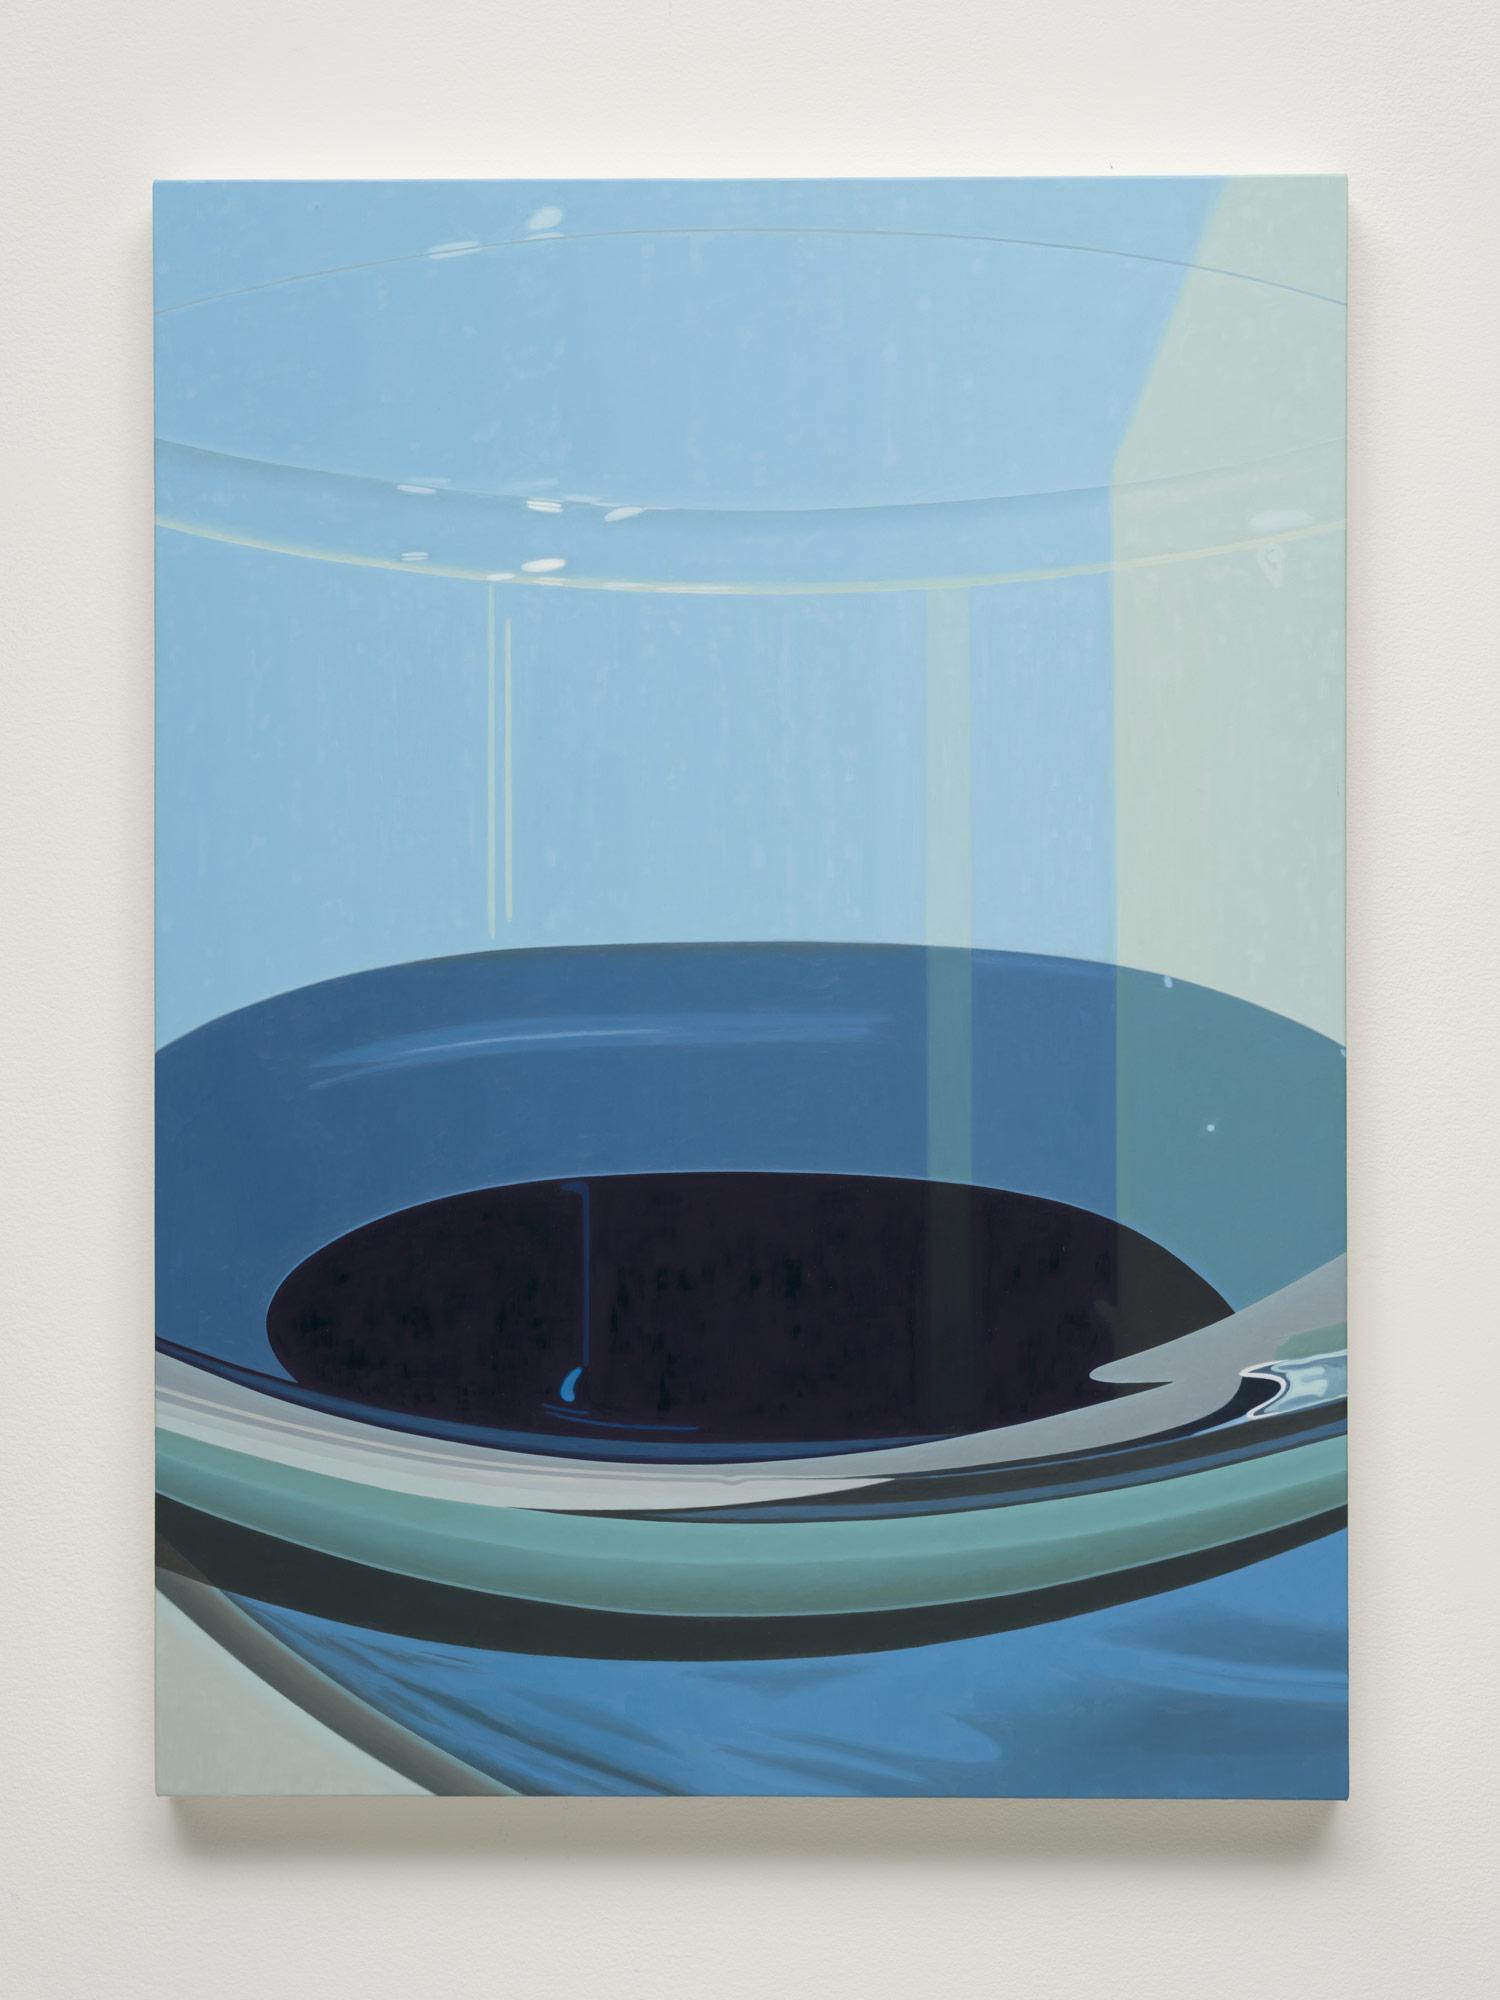 Sandra-Mendelsohn-Rubin-Water-Cooler-2020